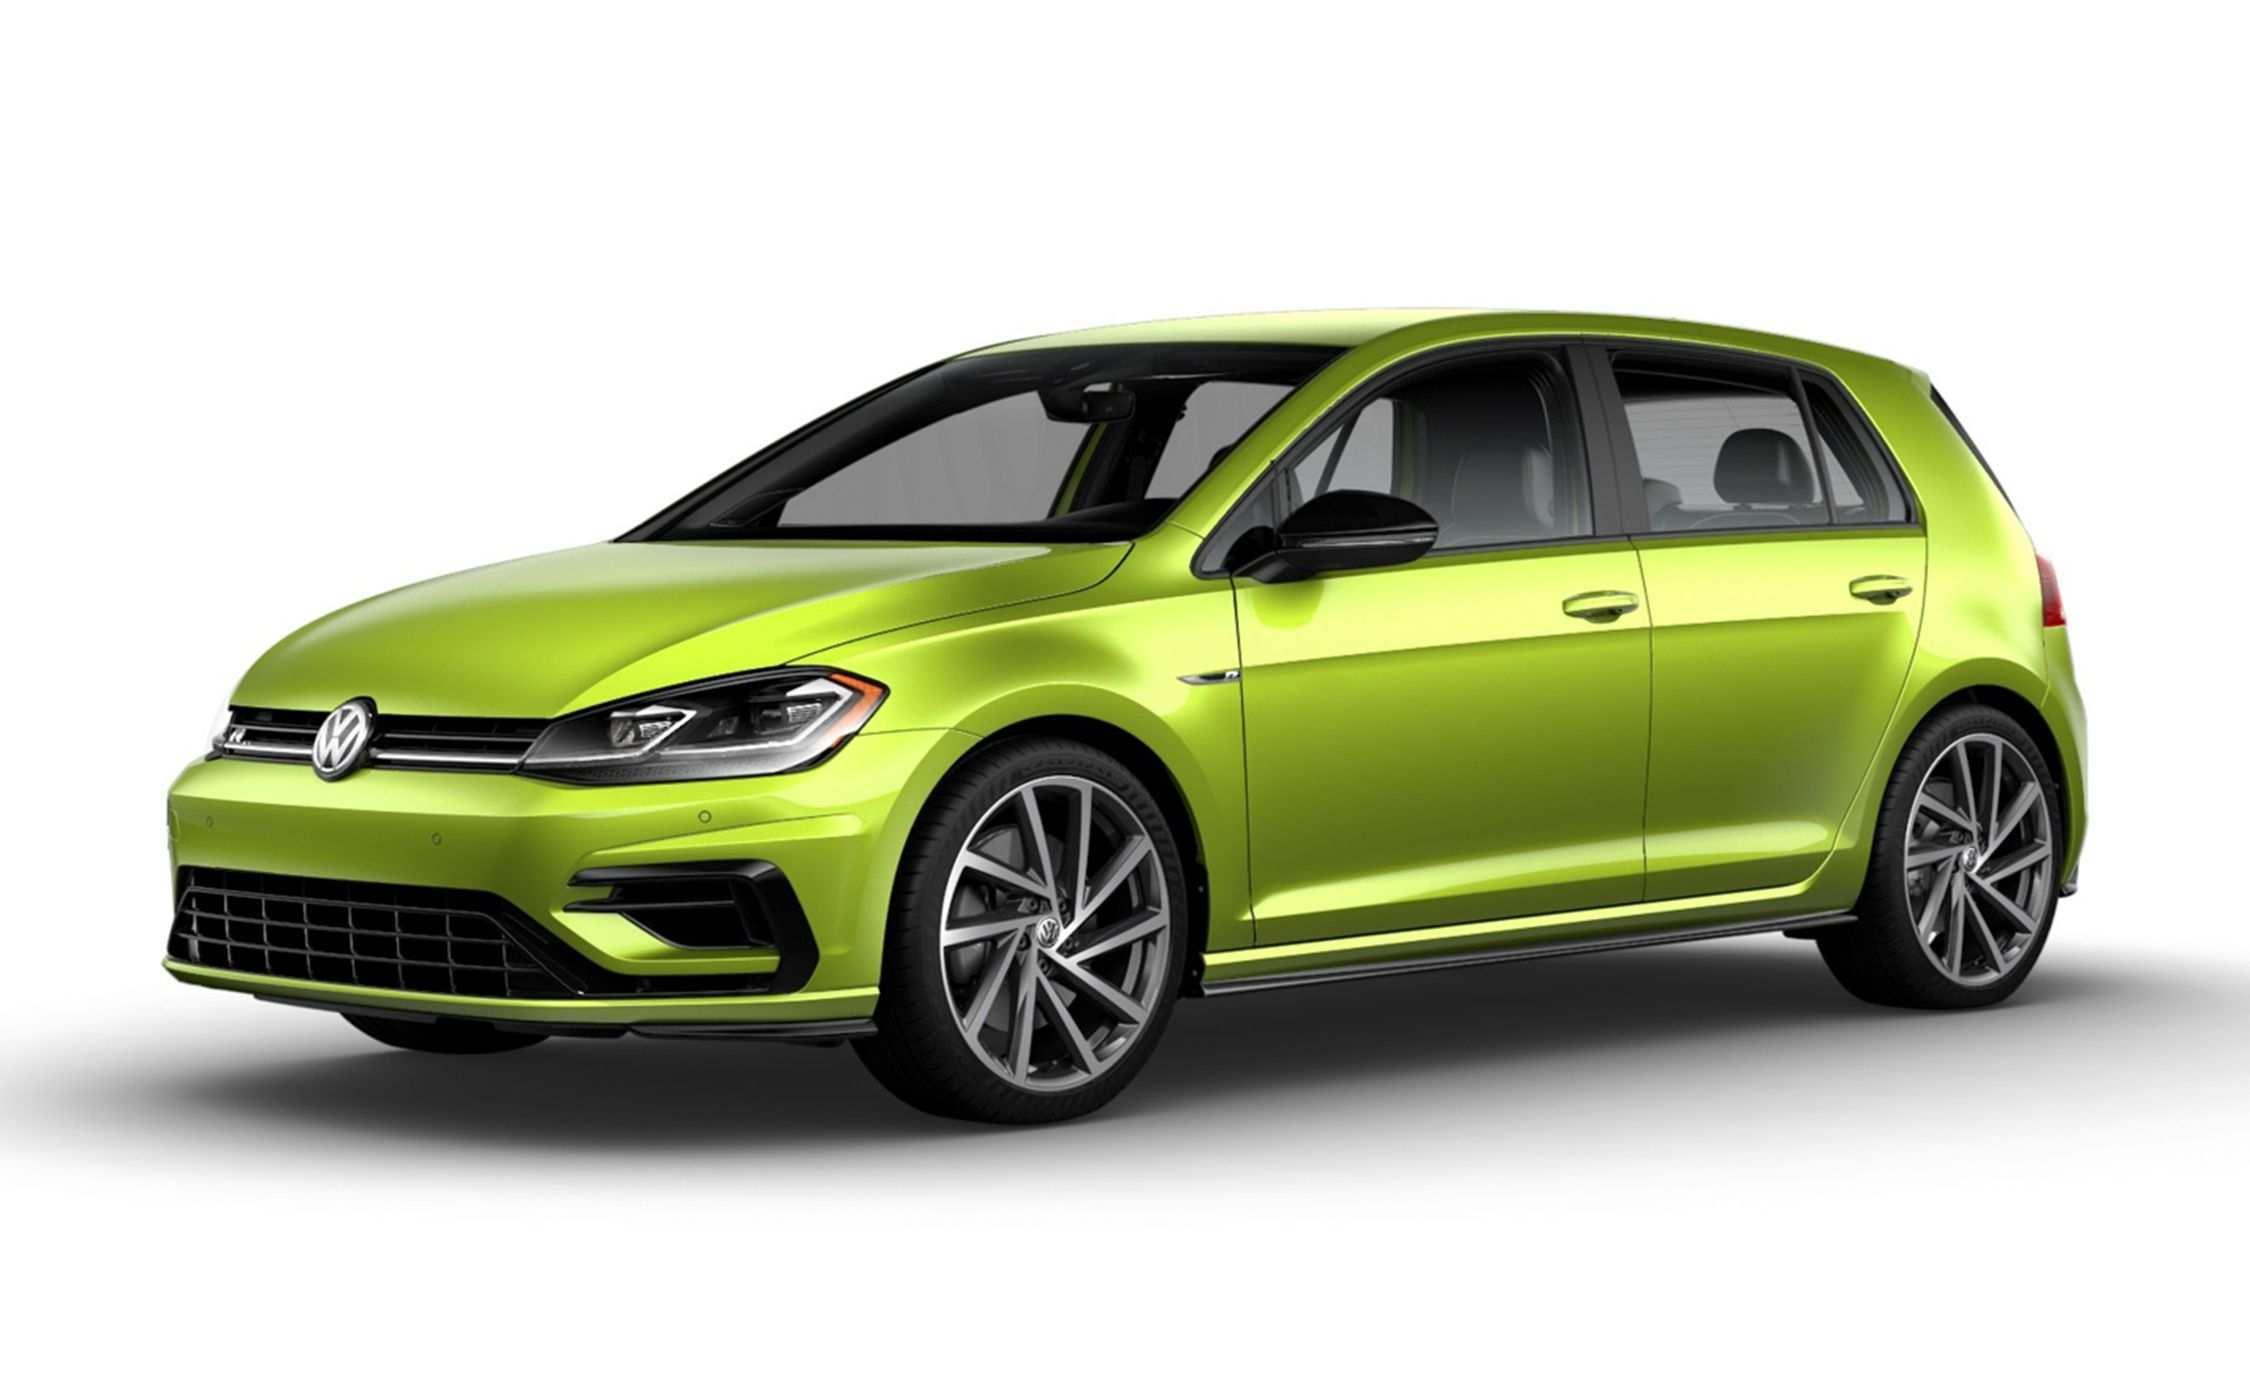 84 Great 2019 Volkswagen R Review for 2019 Volkswagen R